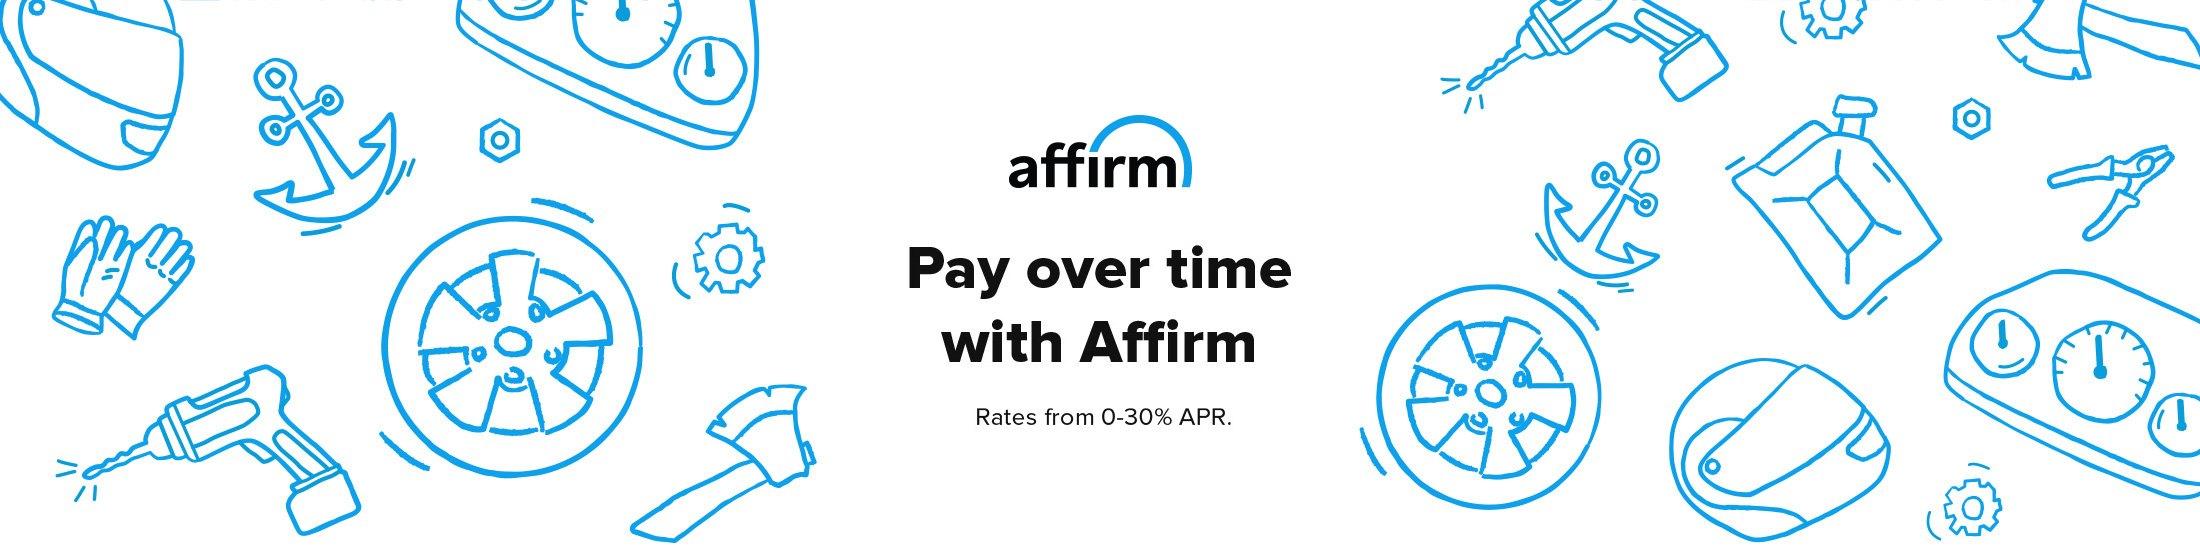 Affirm Banner Image